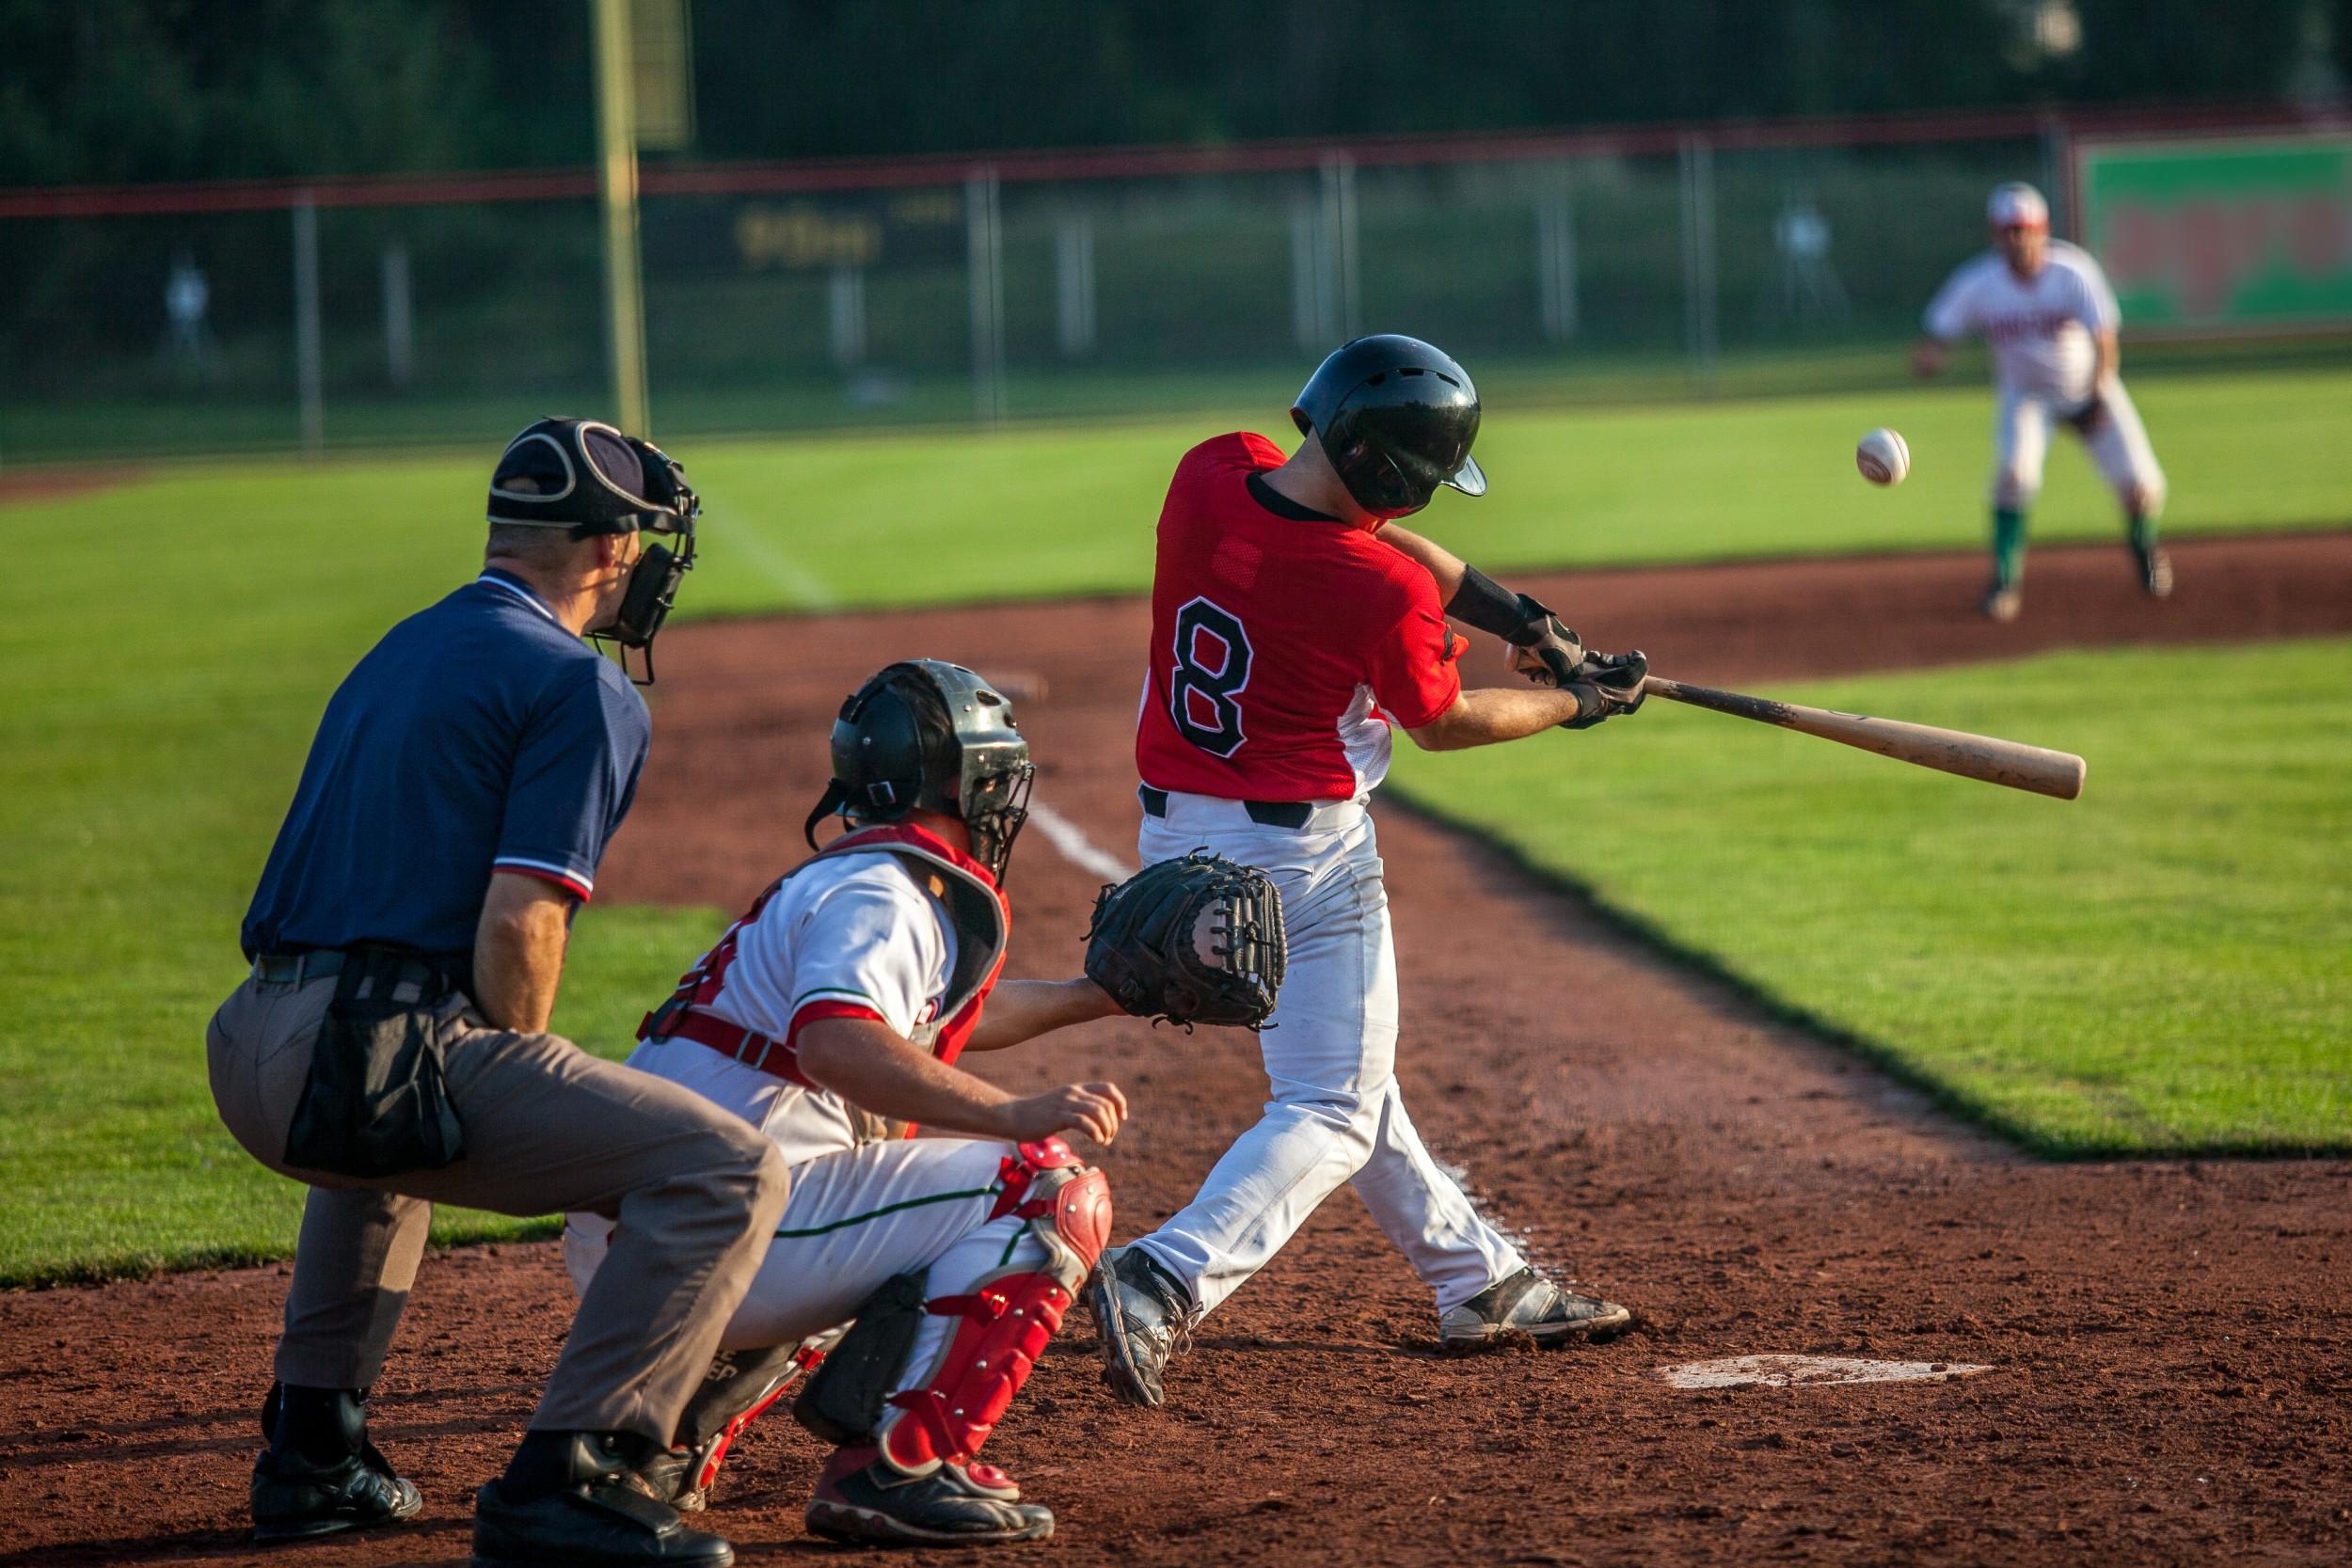 a953b6a49 Beisebol. Foto  zsolt uveges   Shutterstock.com